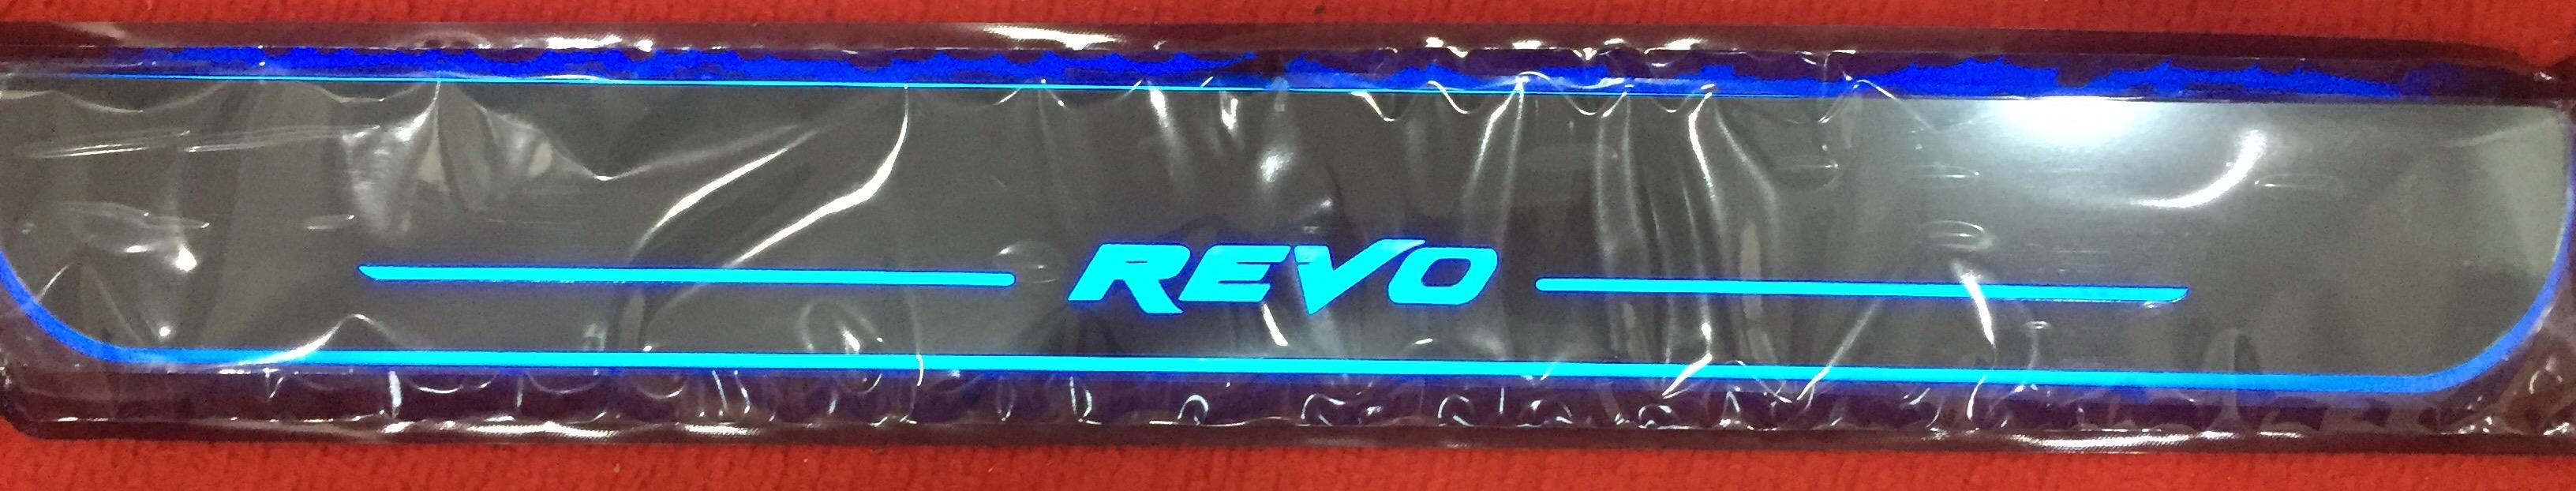 LED sill scuff plate- Revo